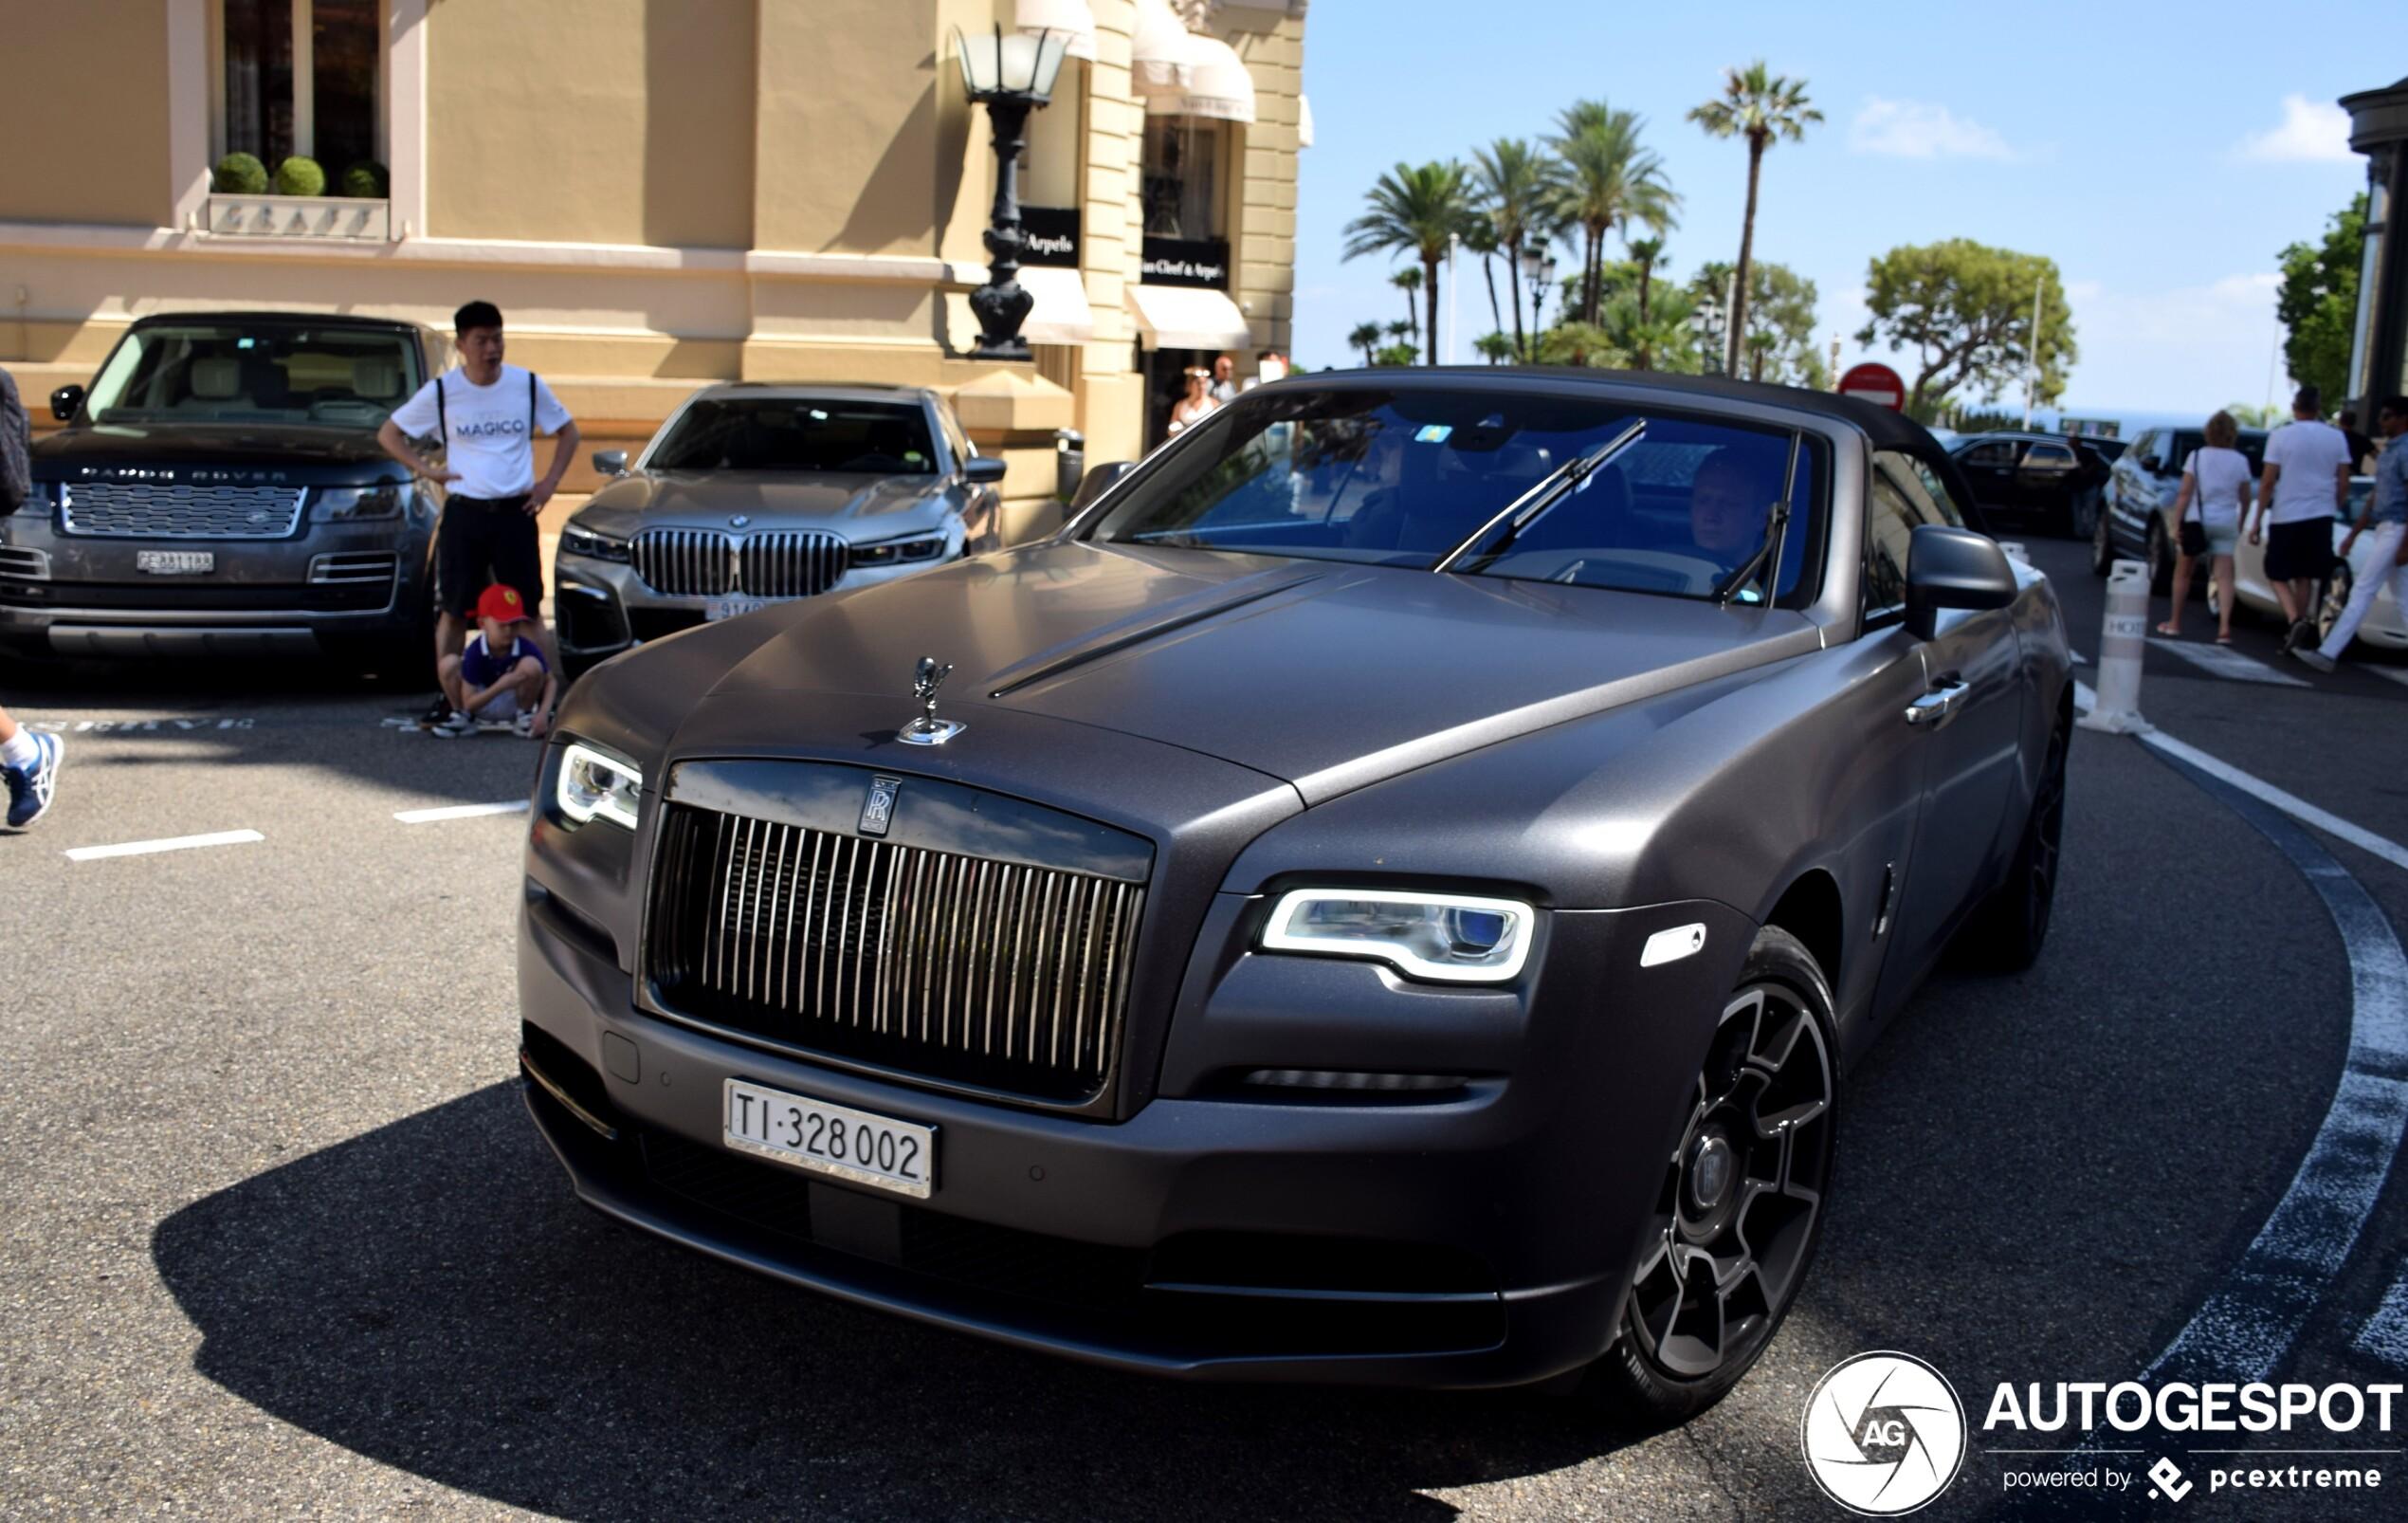 De best ogende Rolls Royce's van deze week